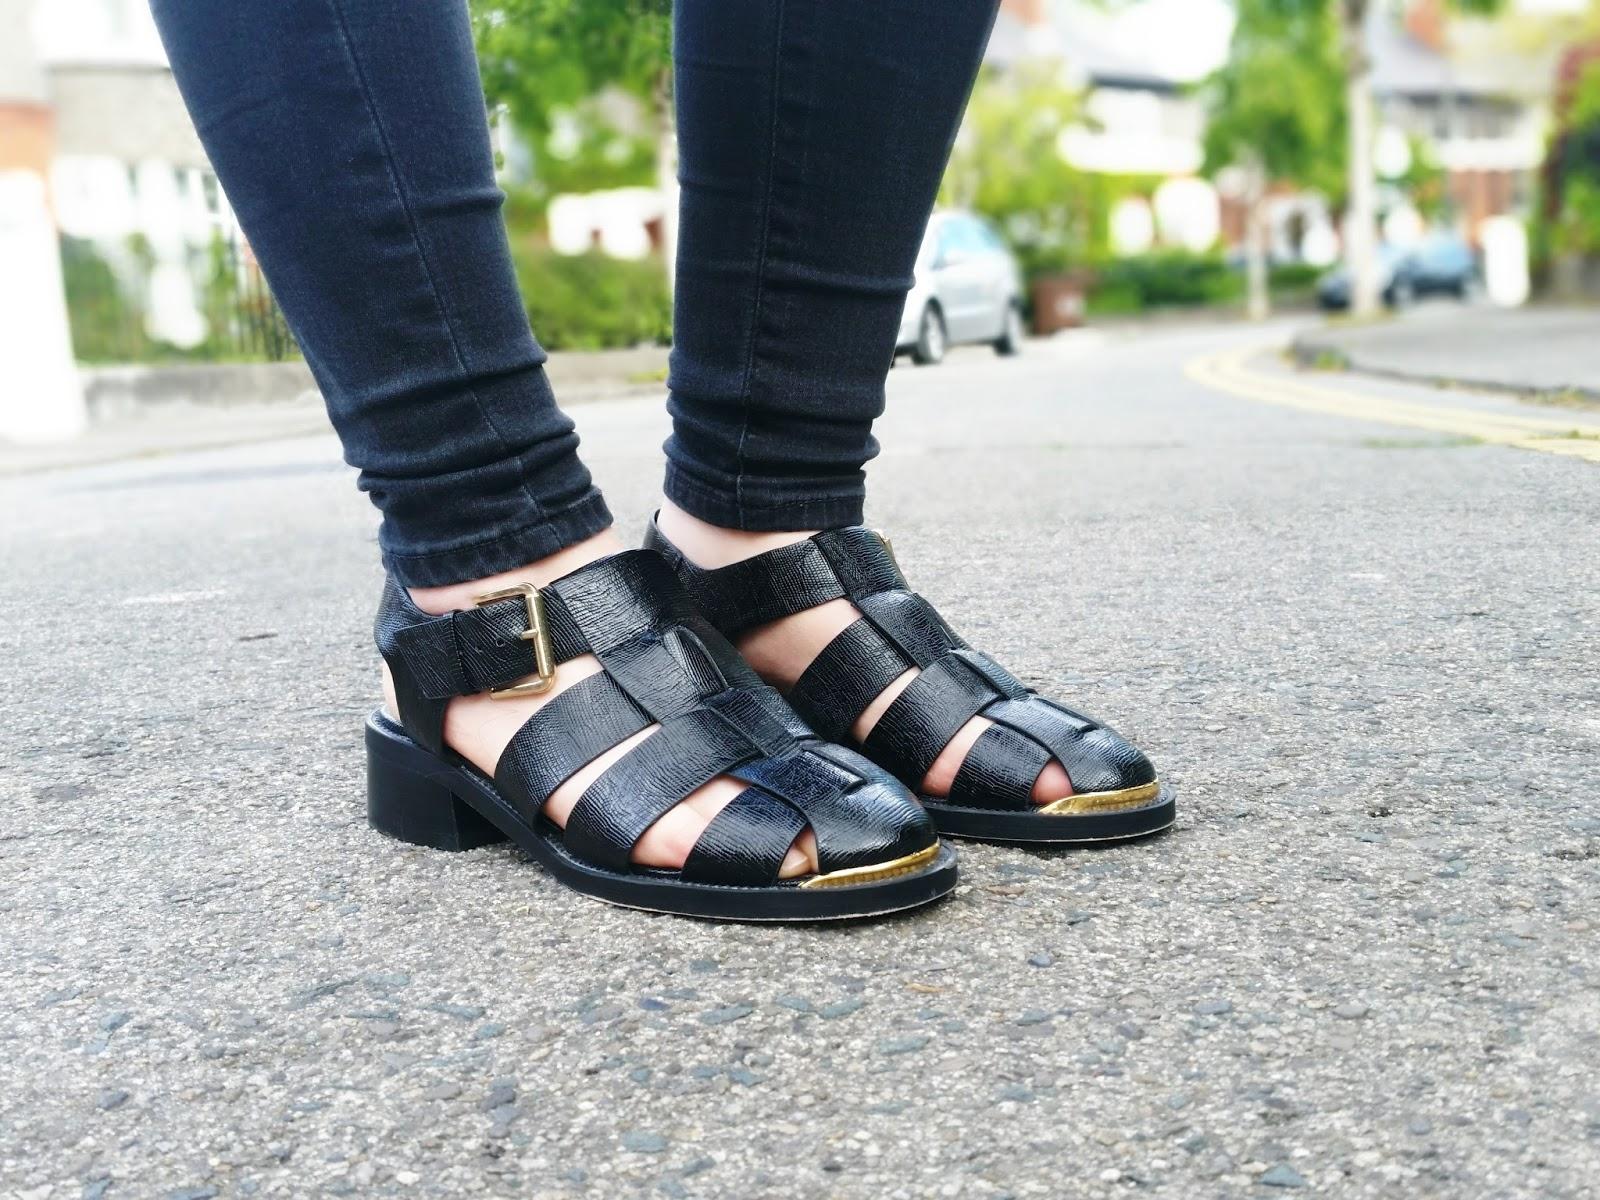 Topshop Klaxon Cut-Out Shoes